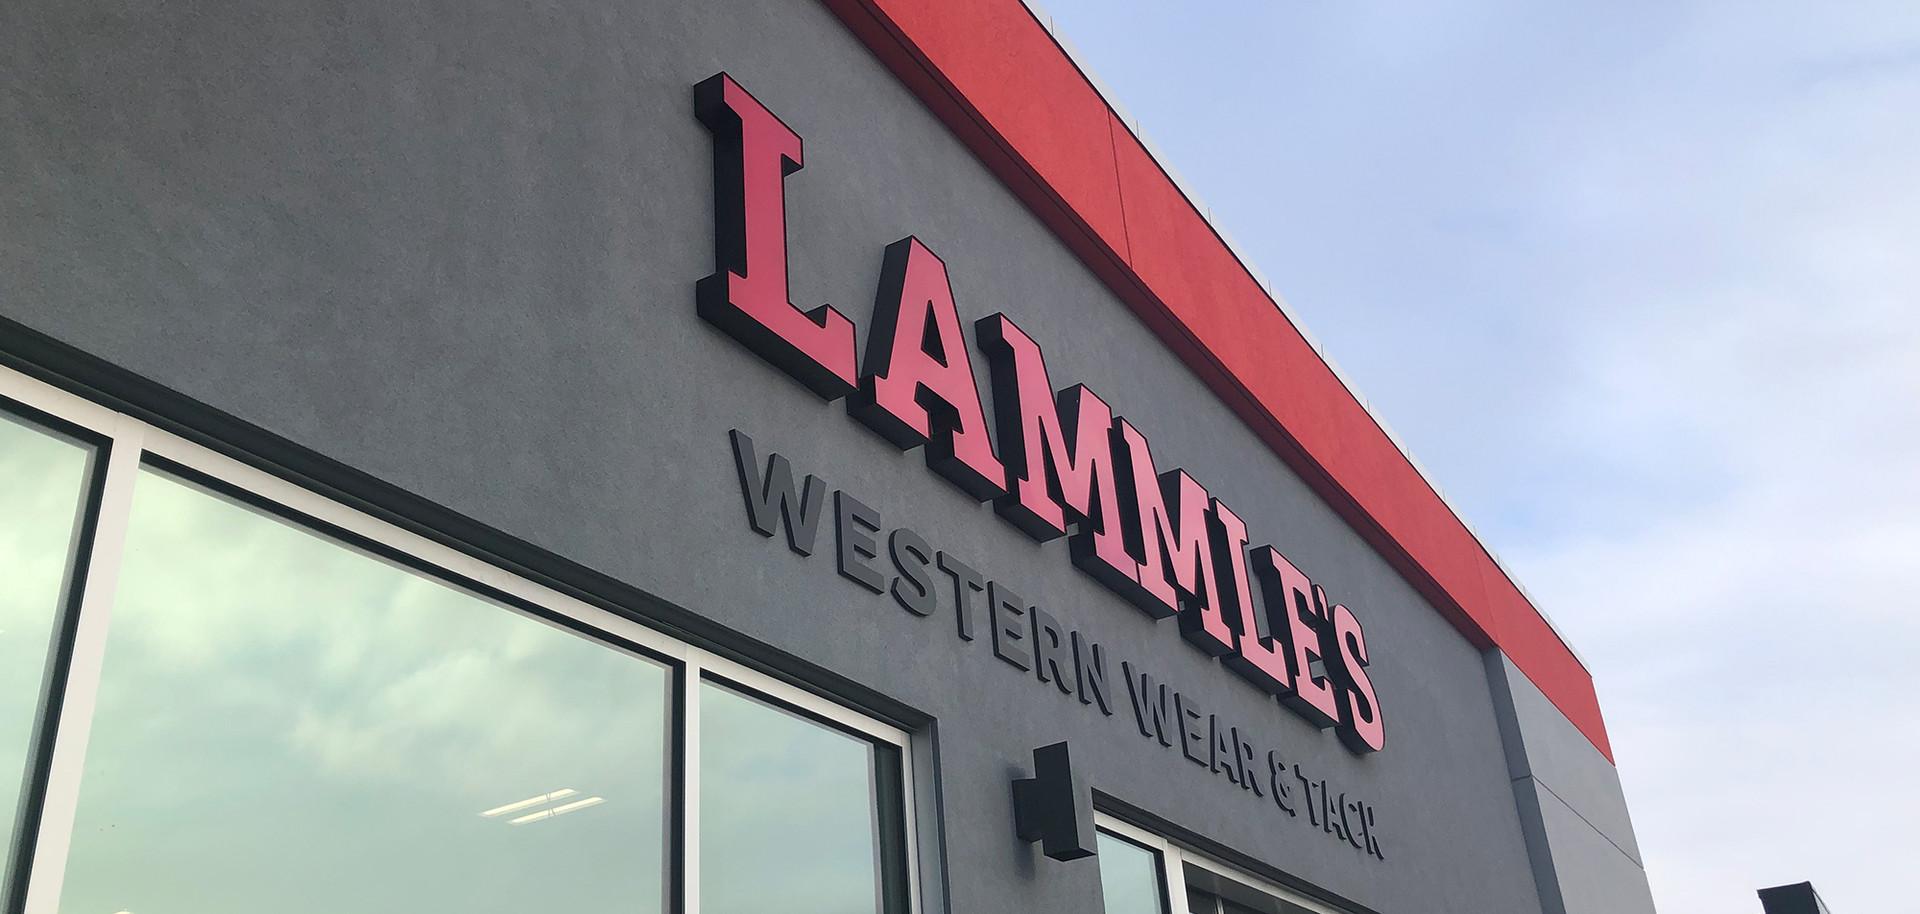 Lammle's Front Entrance